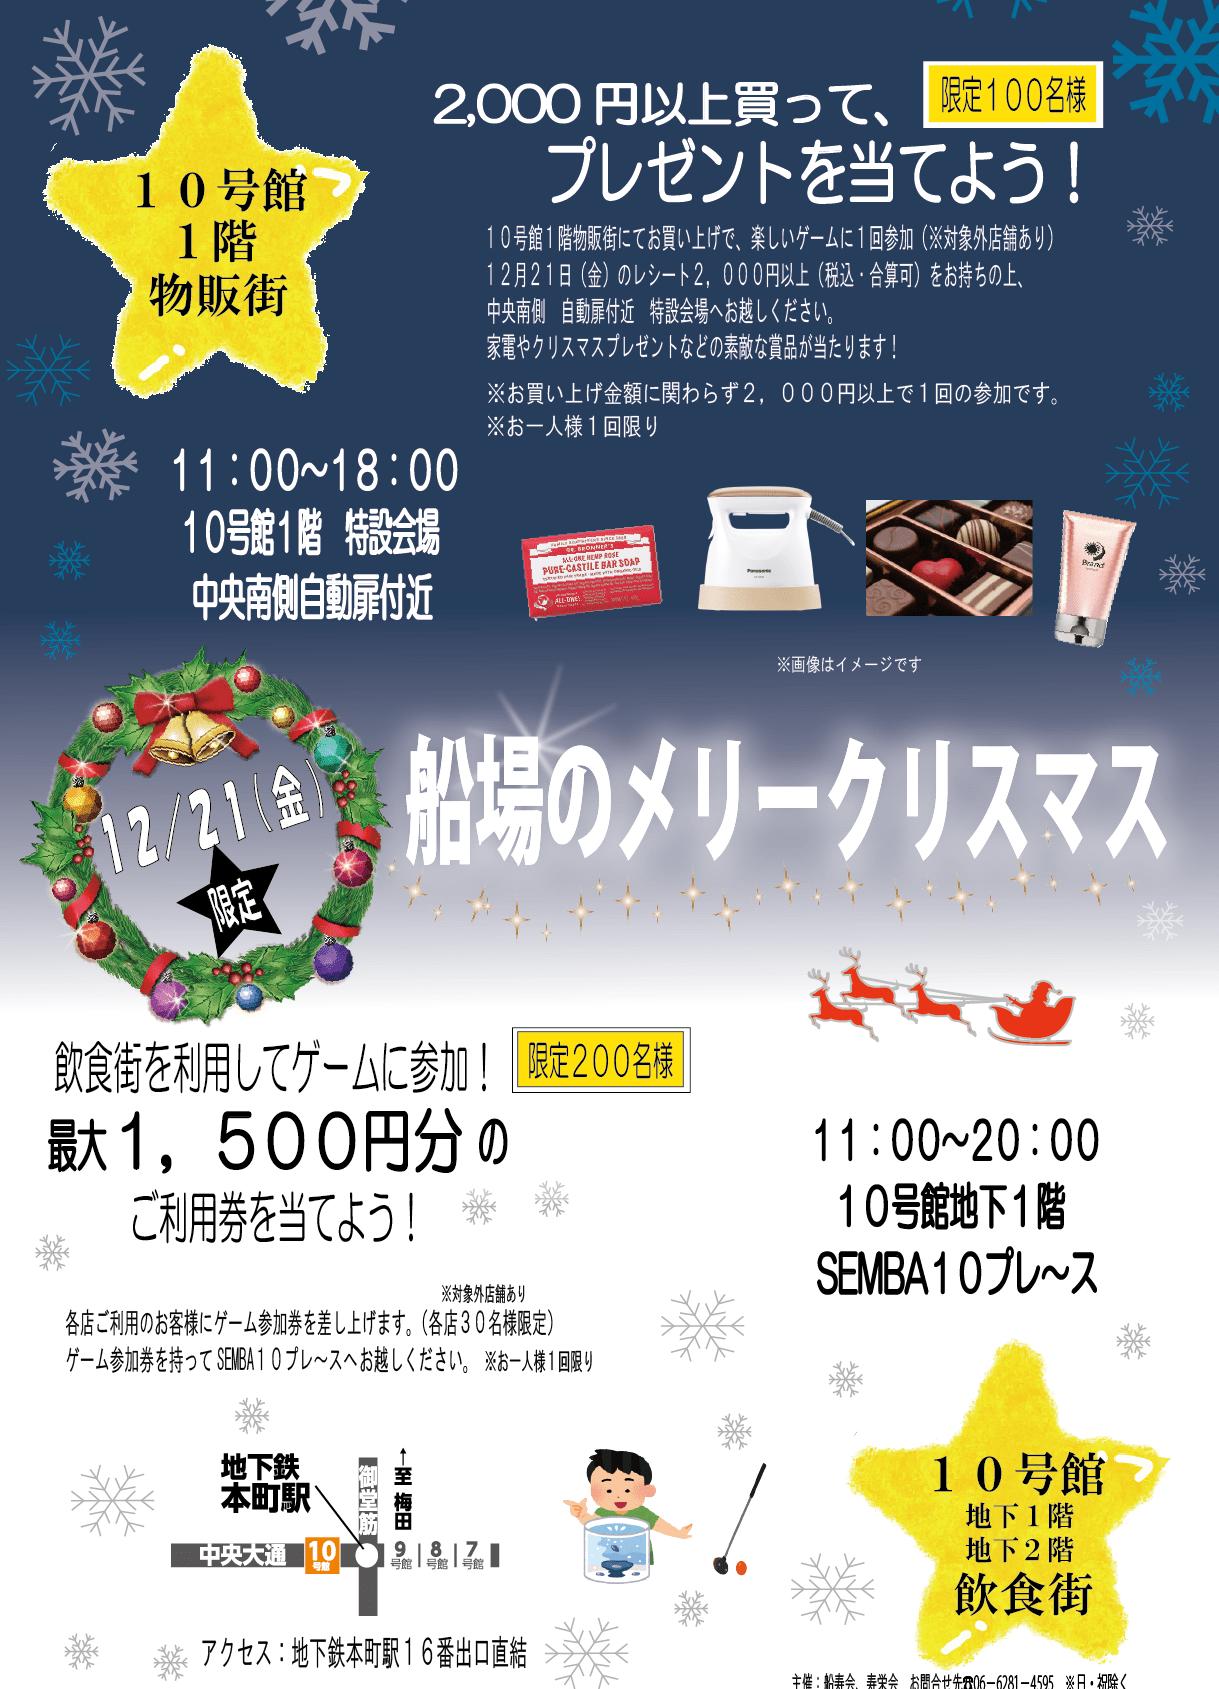 【イベント】12月21日(金)限定!10号館クリスマス開催!